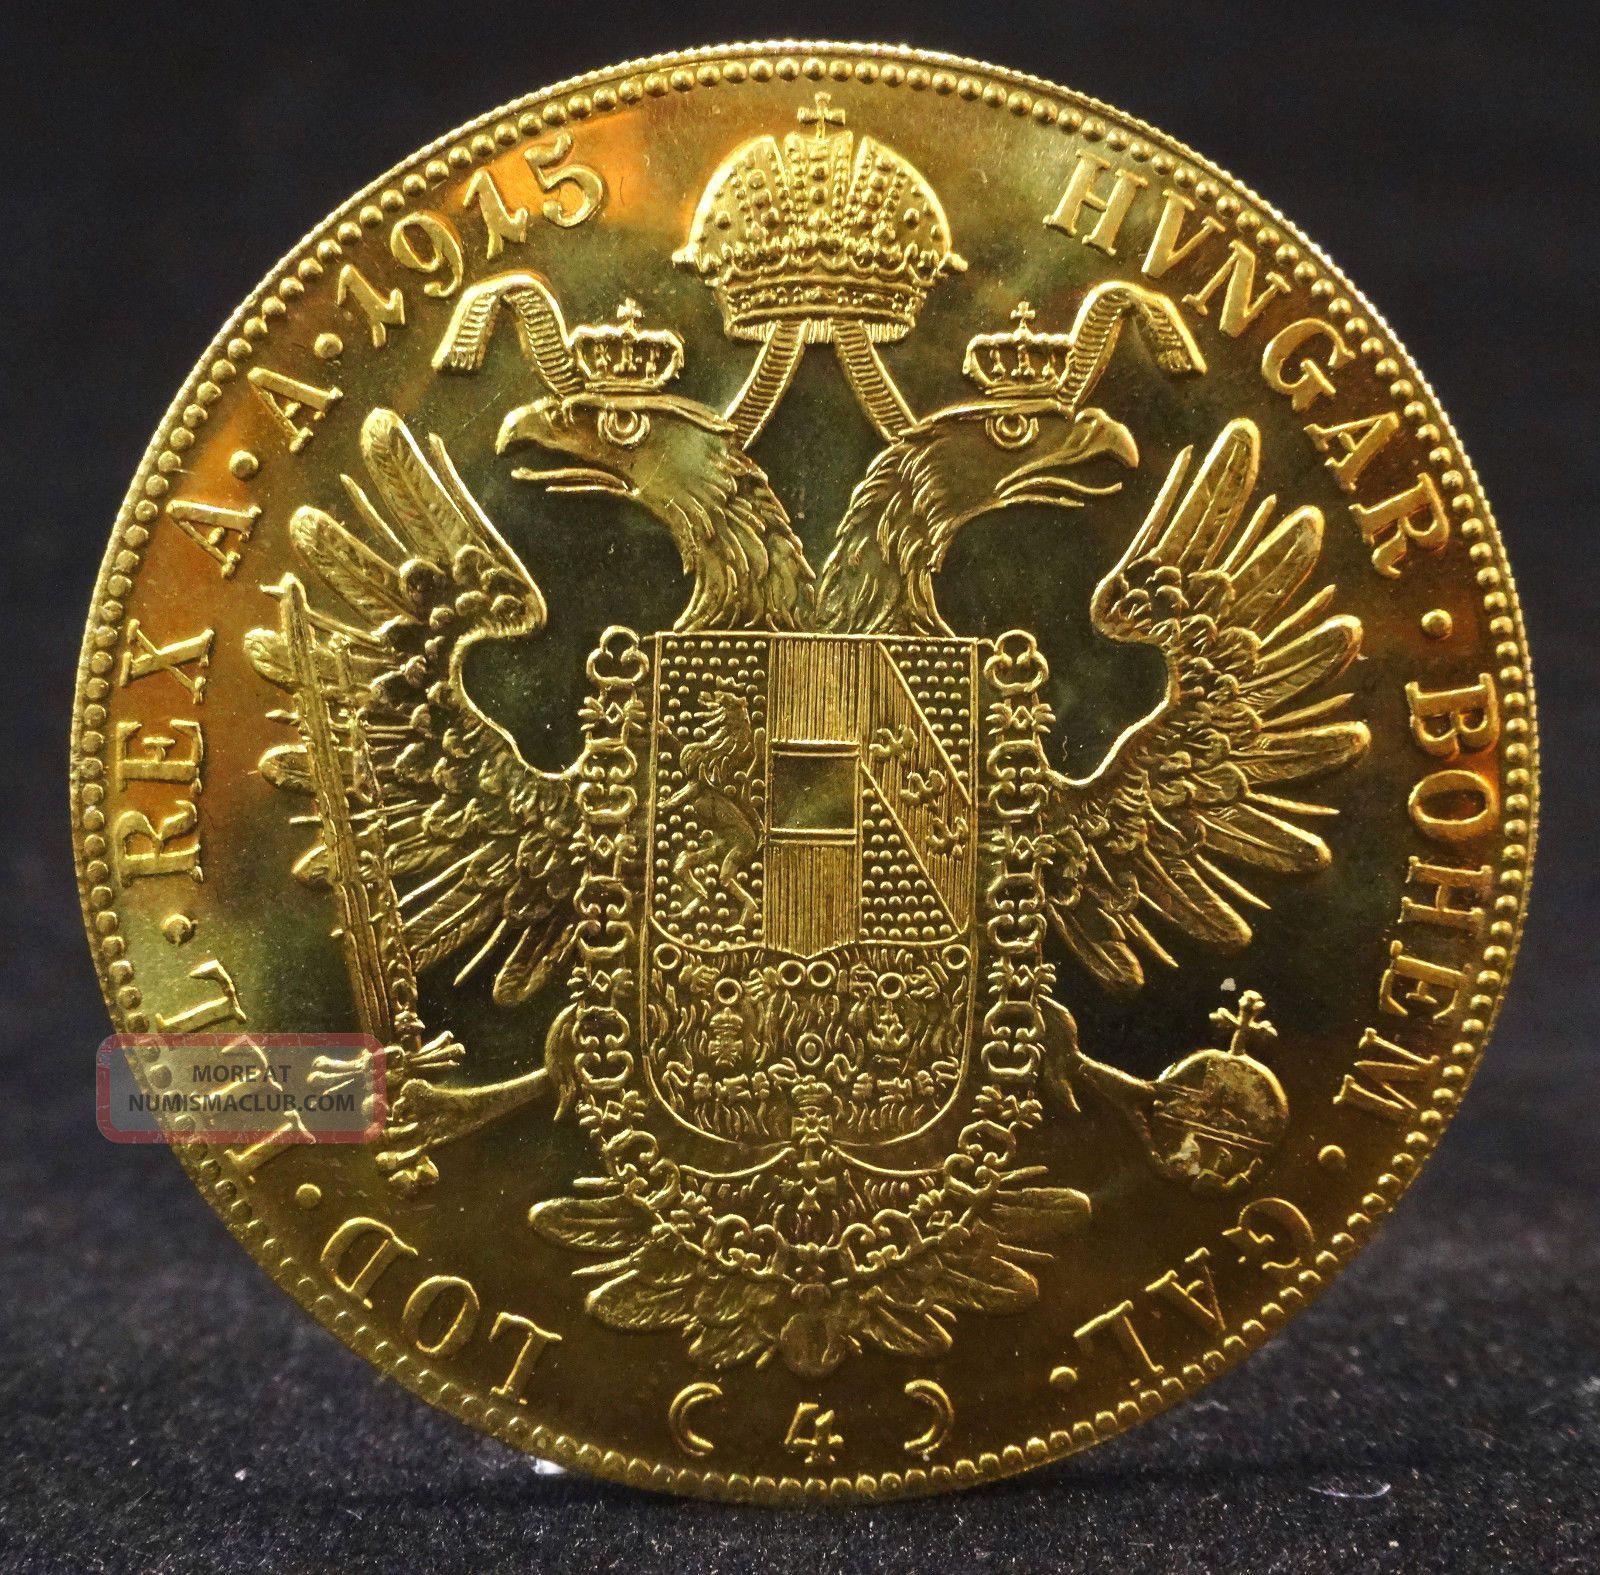 1915_austrian_4_ducat_gold_coin_uncirculated_2_lgw.jpg